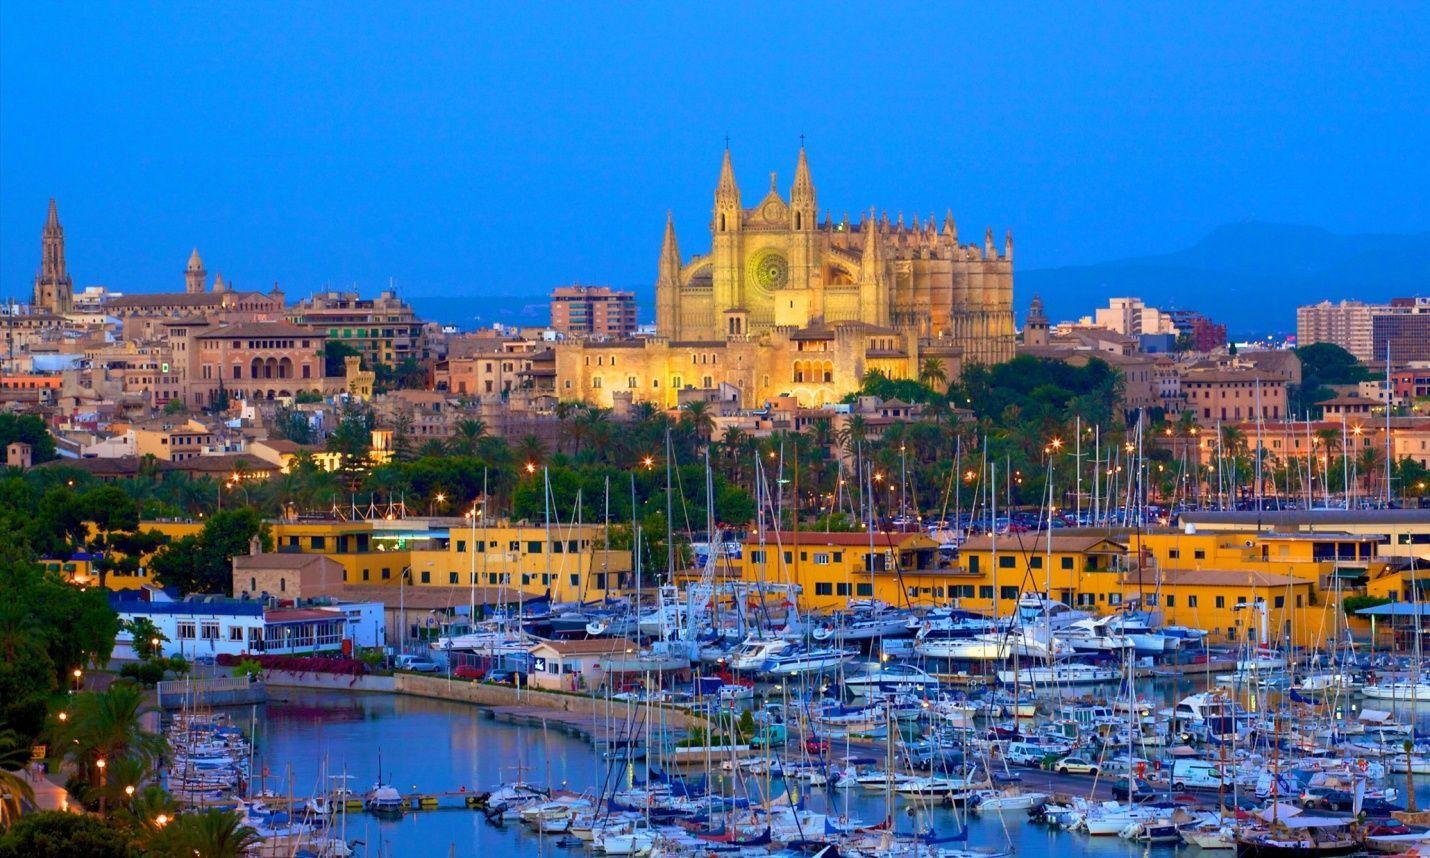 Una fácil ¿cuál es la capital de las Islas Baleares?